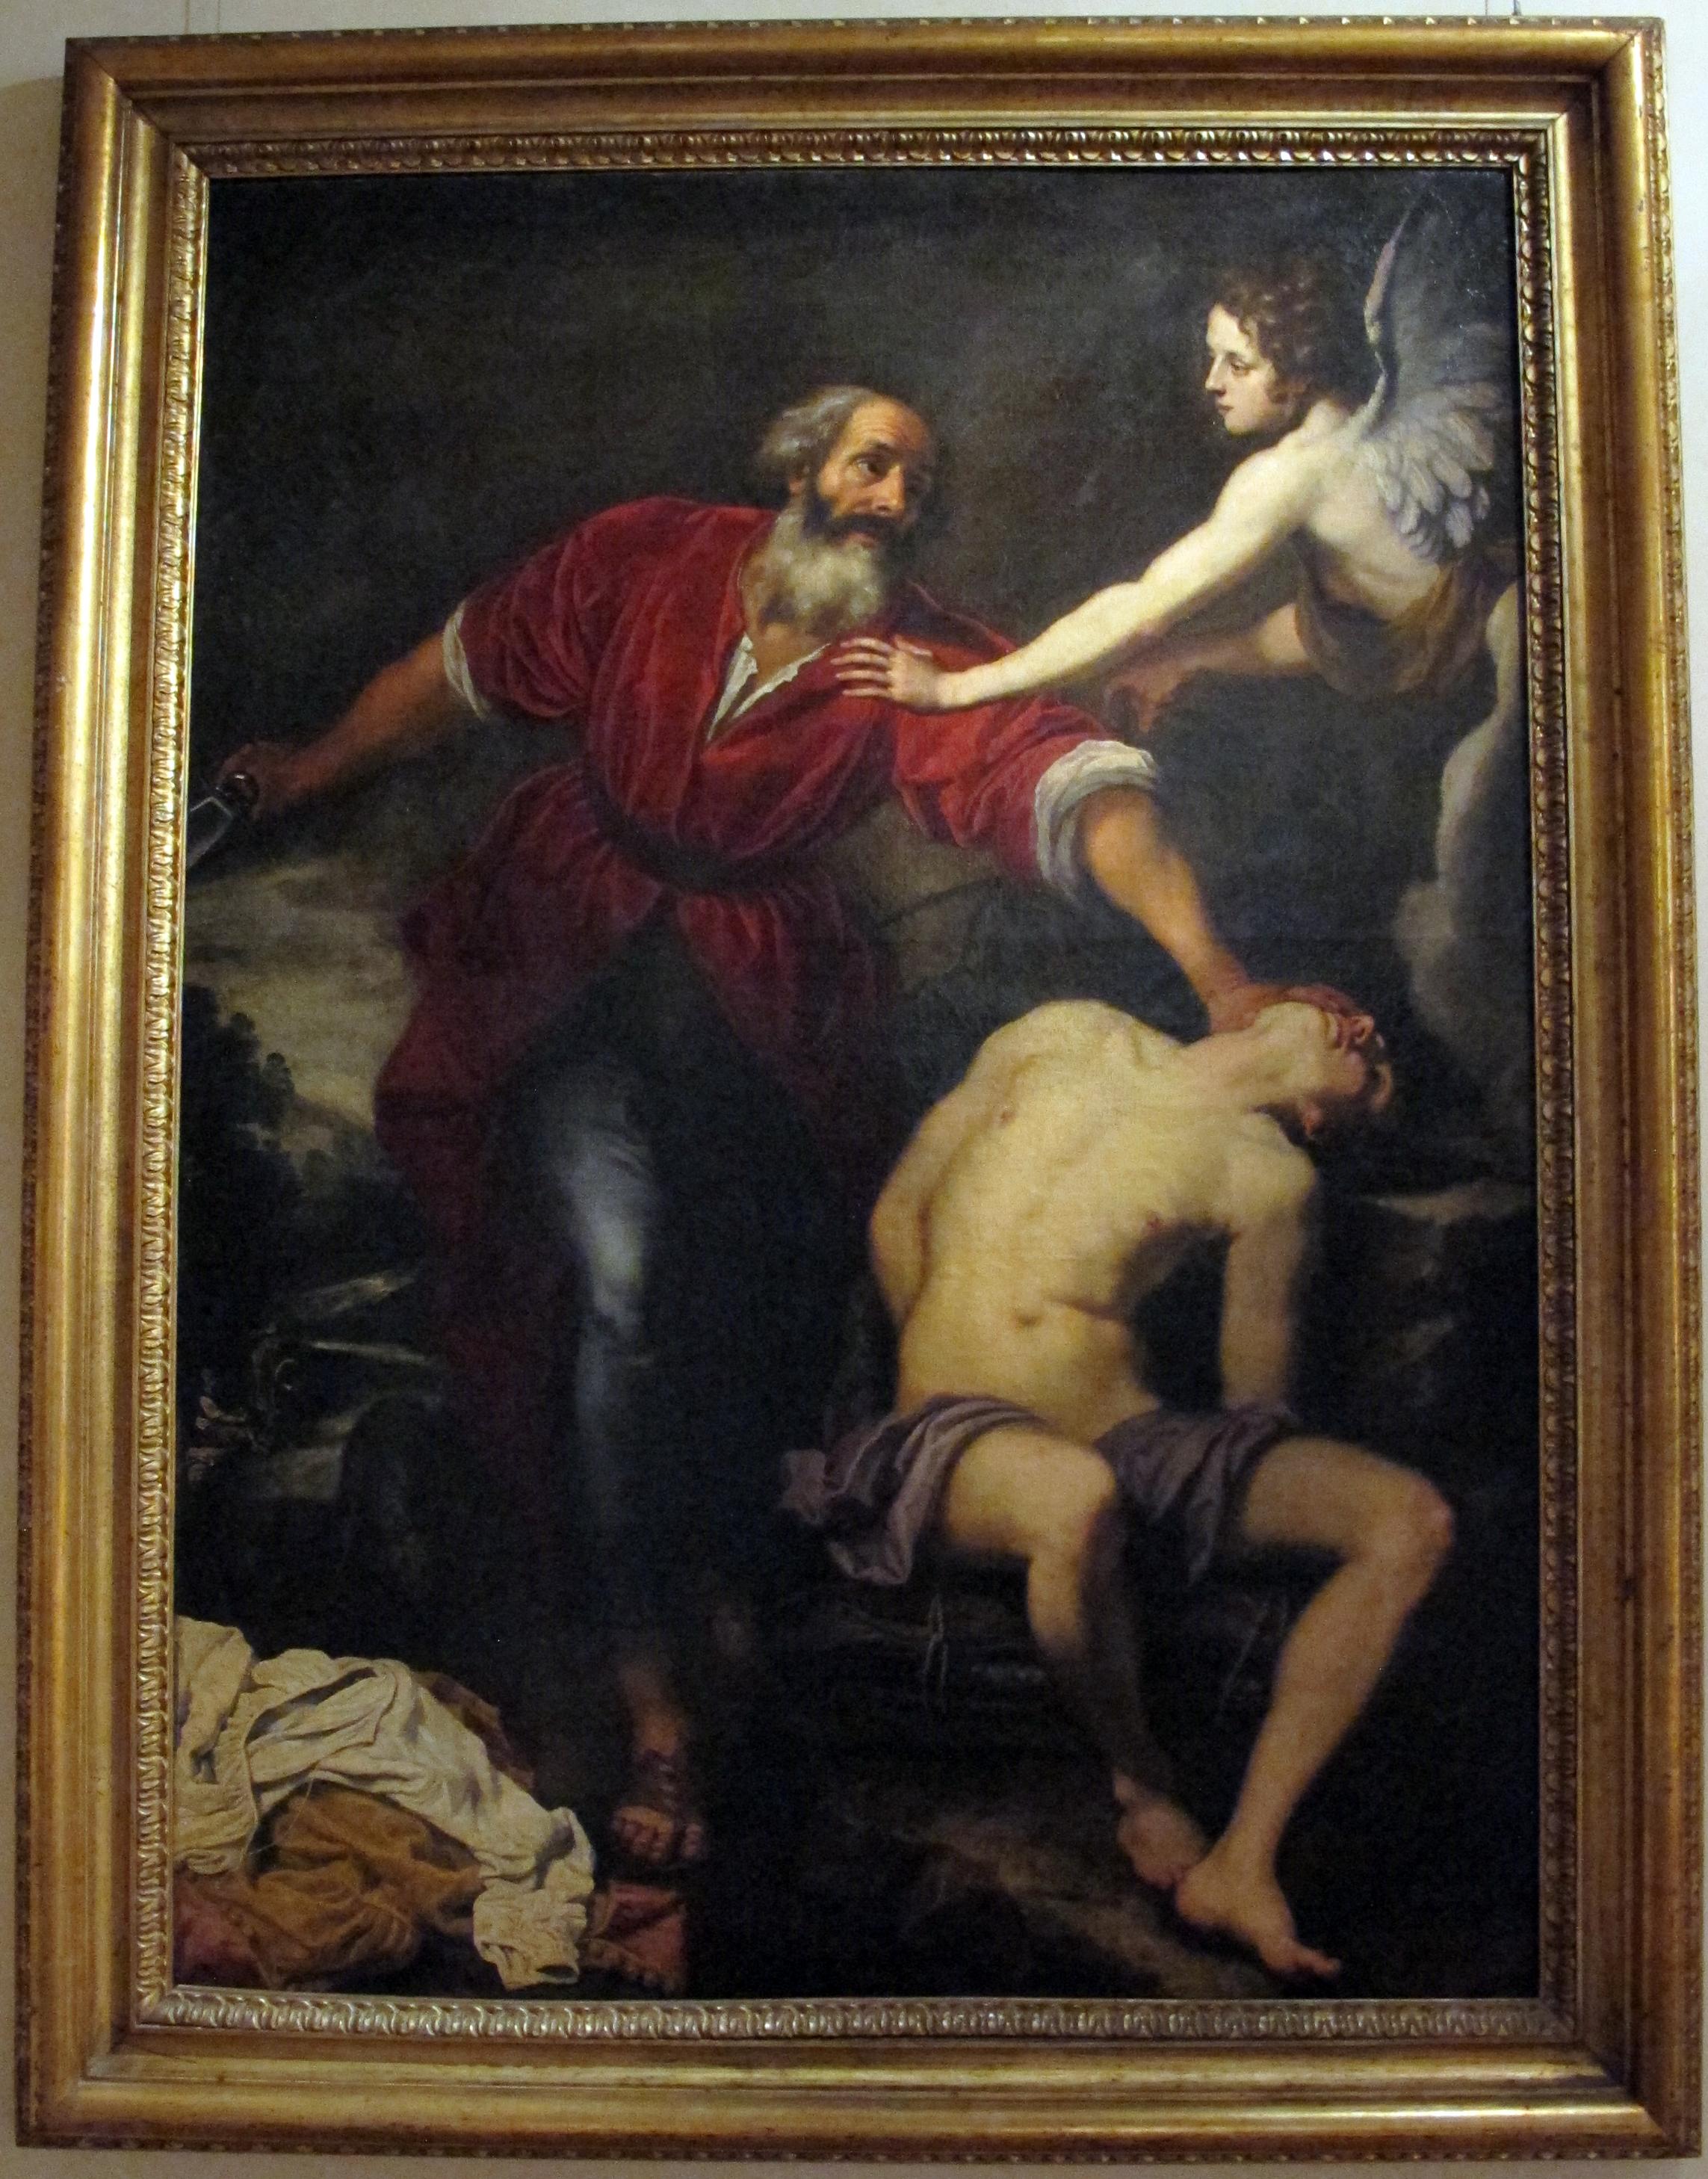 Sacrificio di Isacco, parallelismo con San Rocco confortato dall'angelo